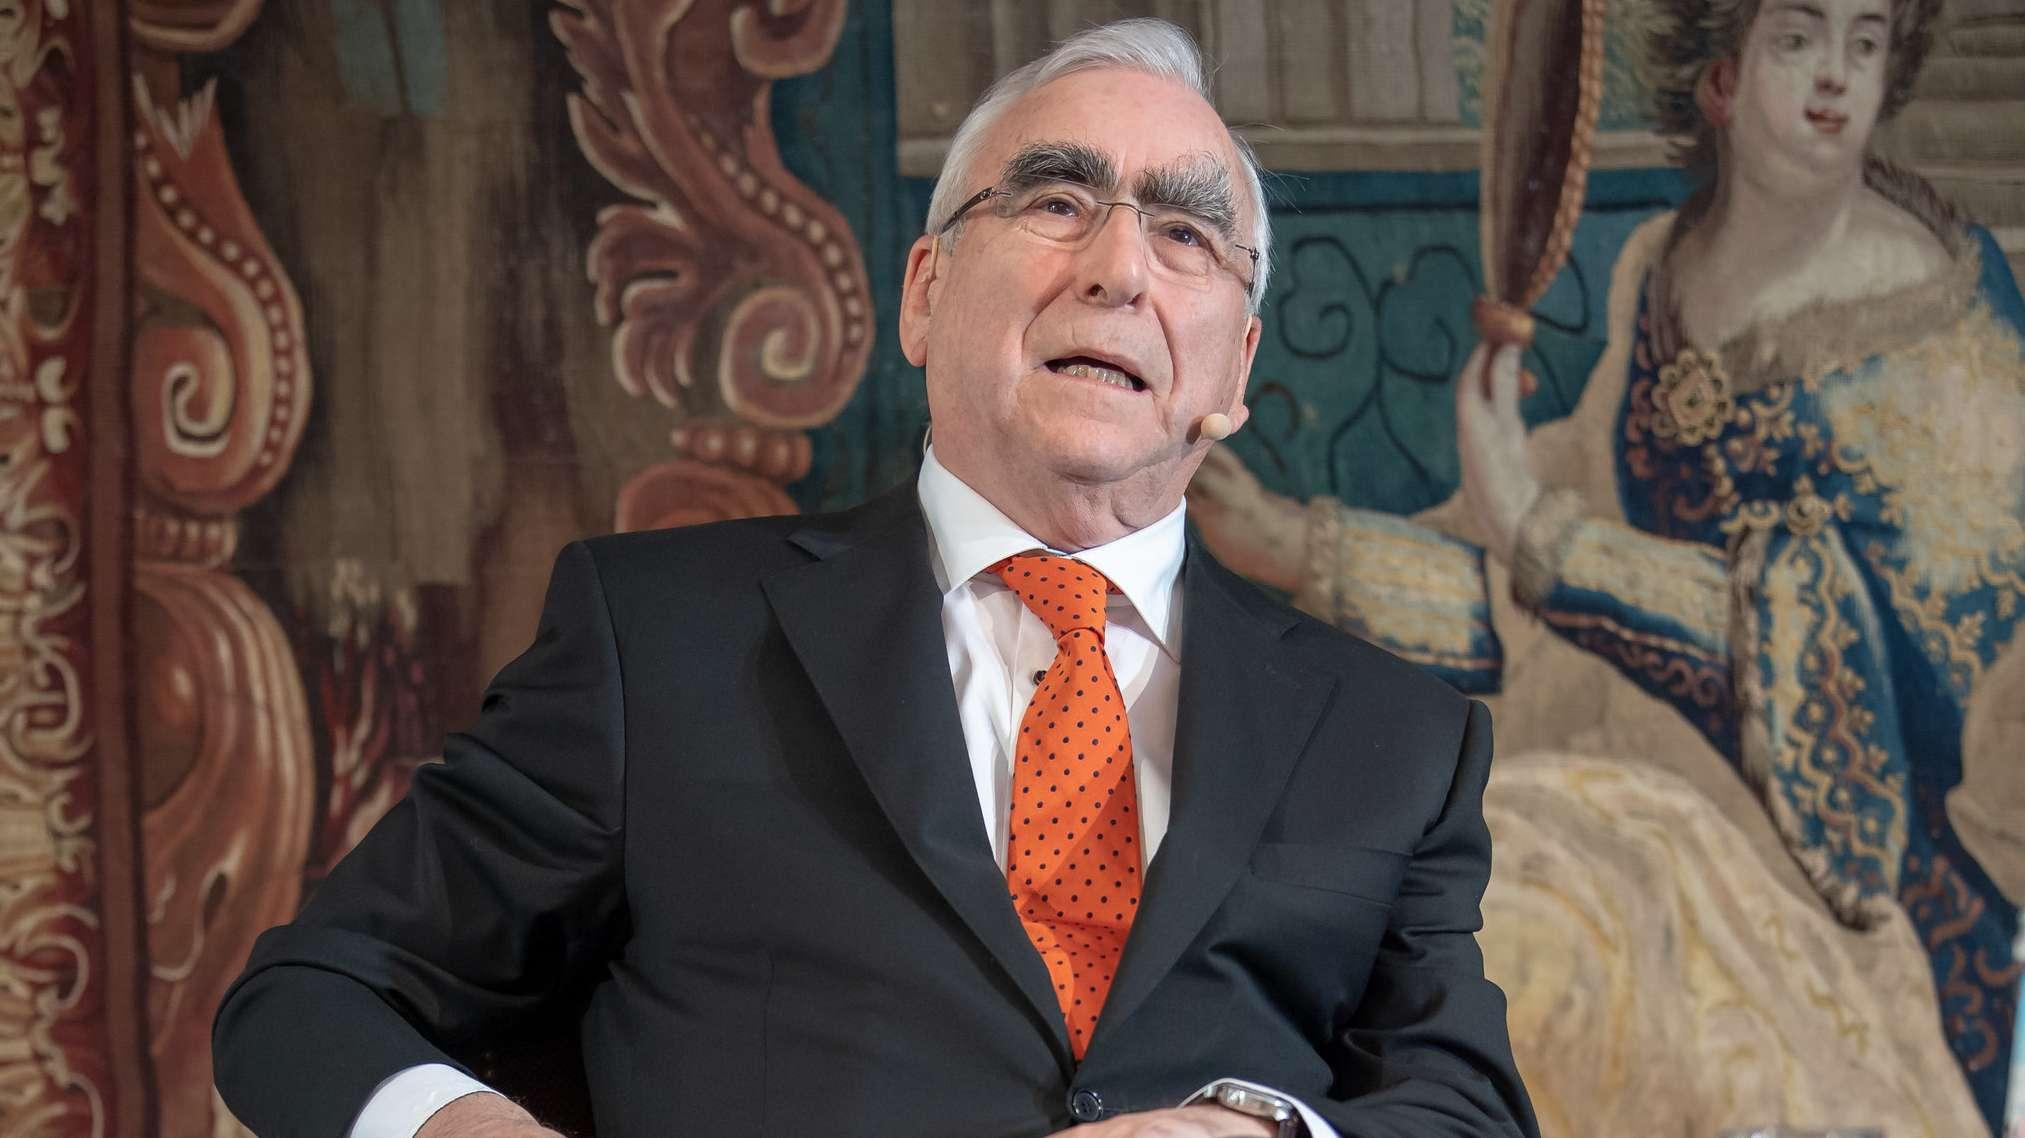 Der ehemalige CSU-Vorsitzende und Bundesfinanzminister Theo Waigel sitzt während der Pressekonferenz zur Vorstellung seiner Autobiografie